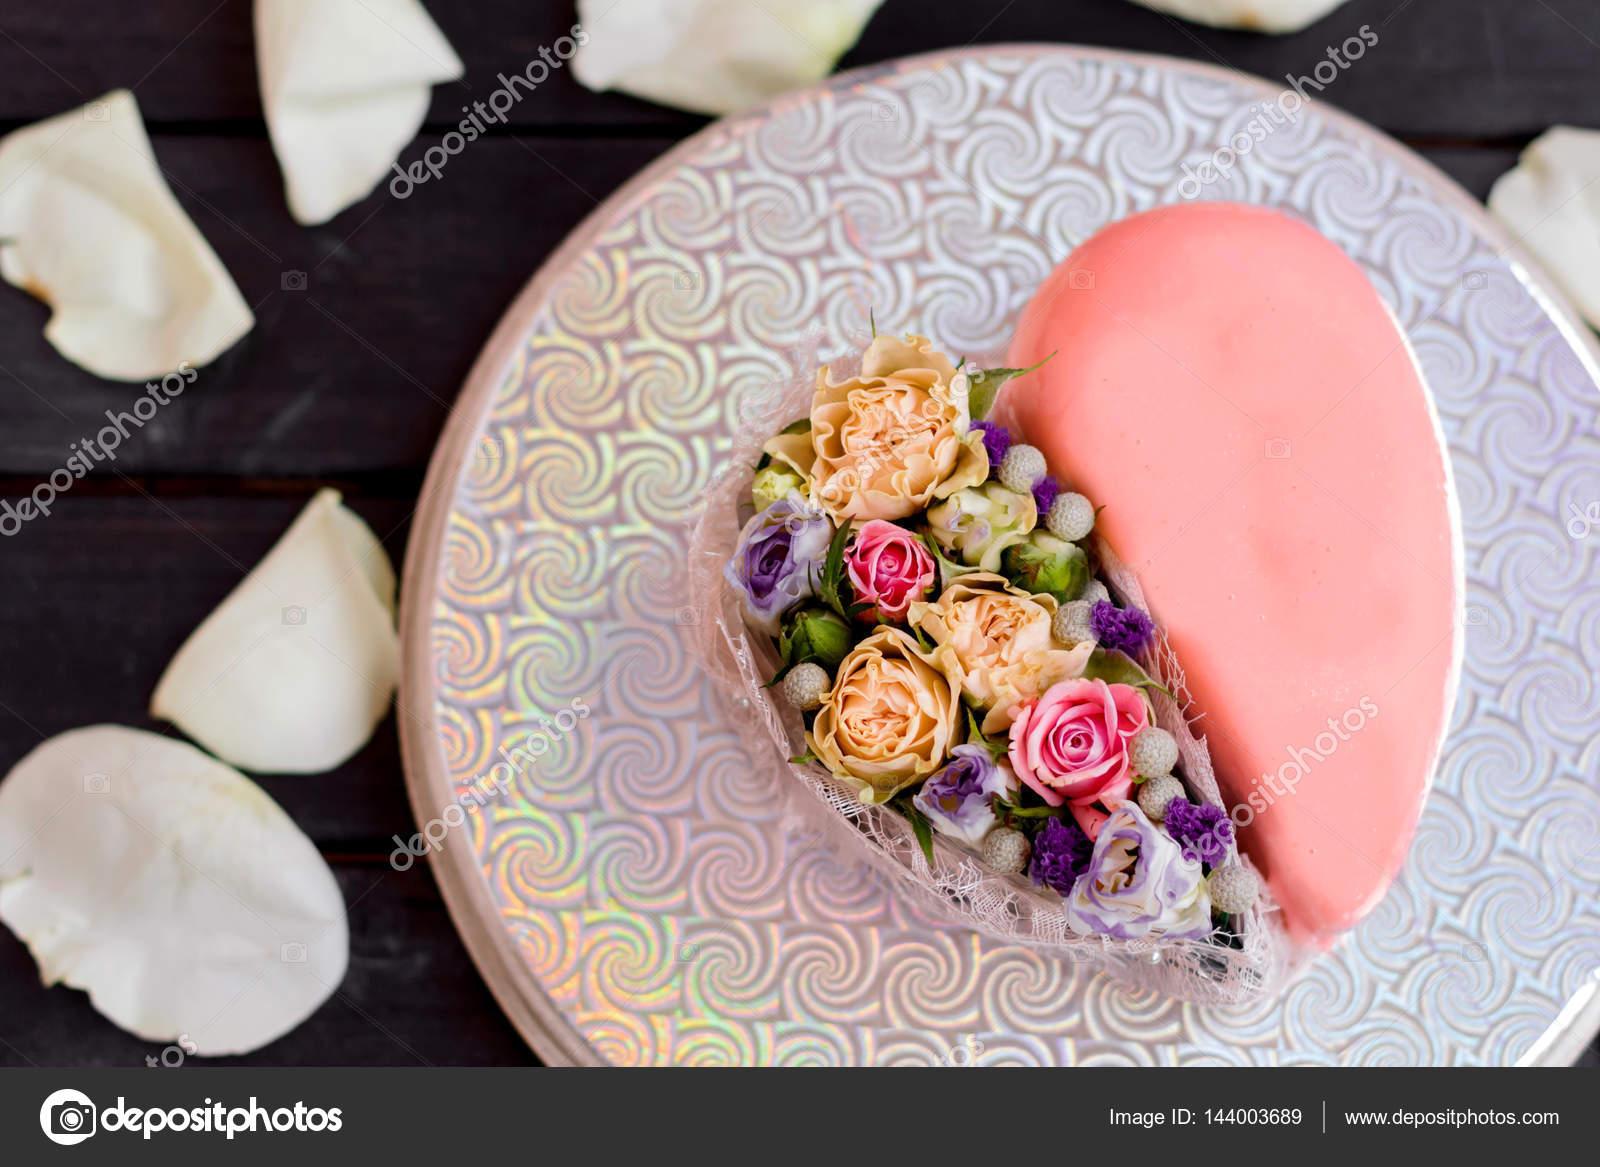 Mirror Glaze Heart Cake Dessert On Valentines Day.